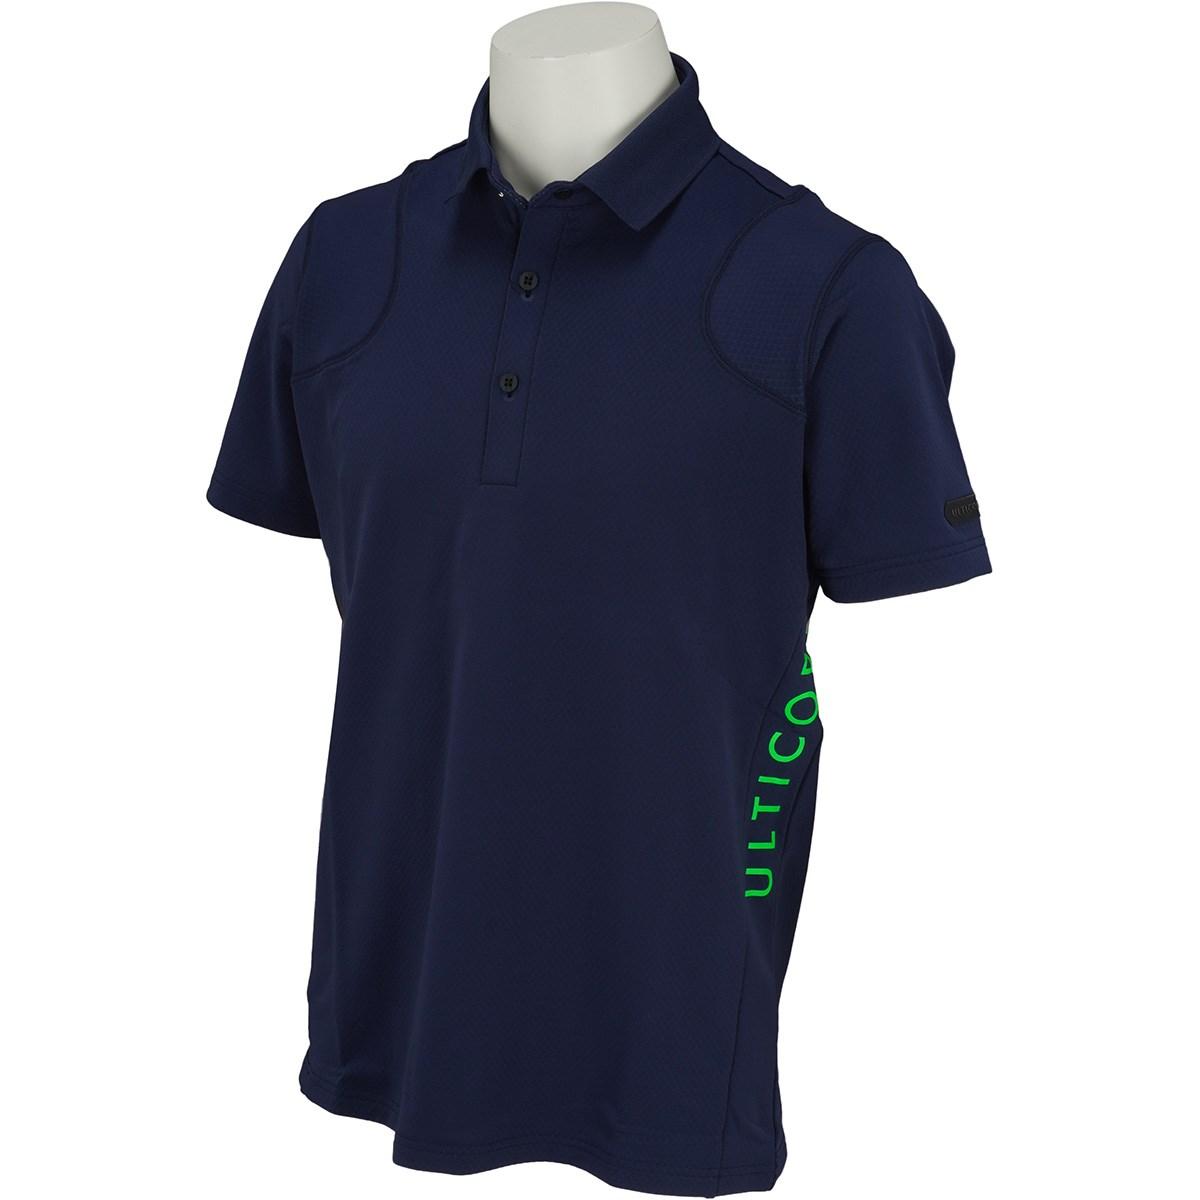 ブリヂストン(BRIDGESTONE GOLF) 3D解析 半袖台衿ポロシャツ